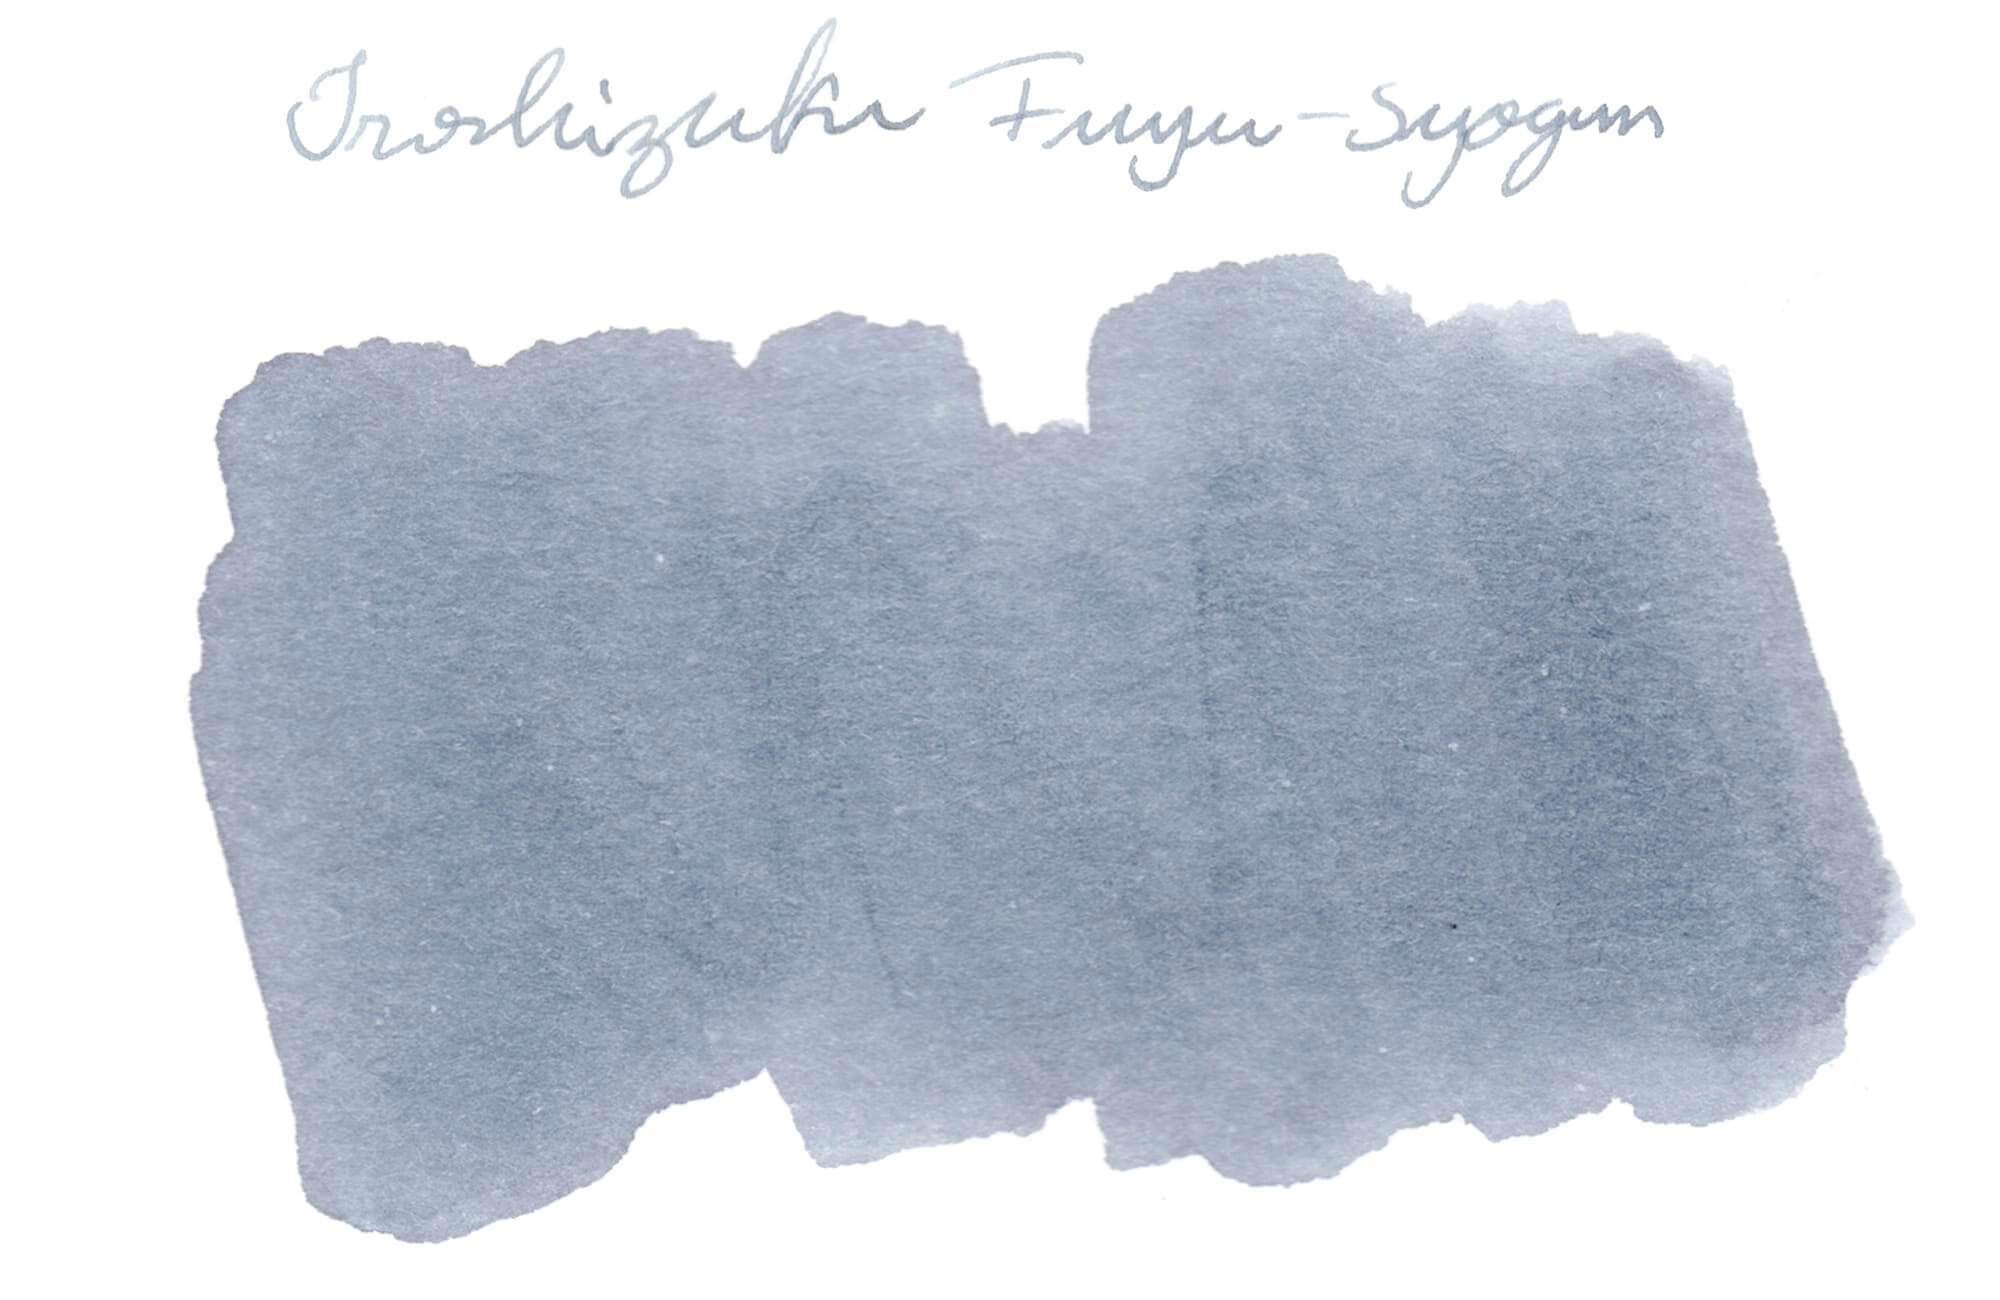 Pilot Iroshizuku Fuyu-Syogun